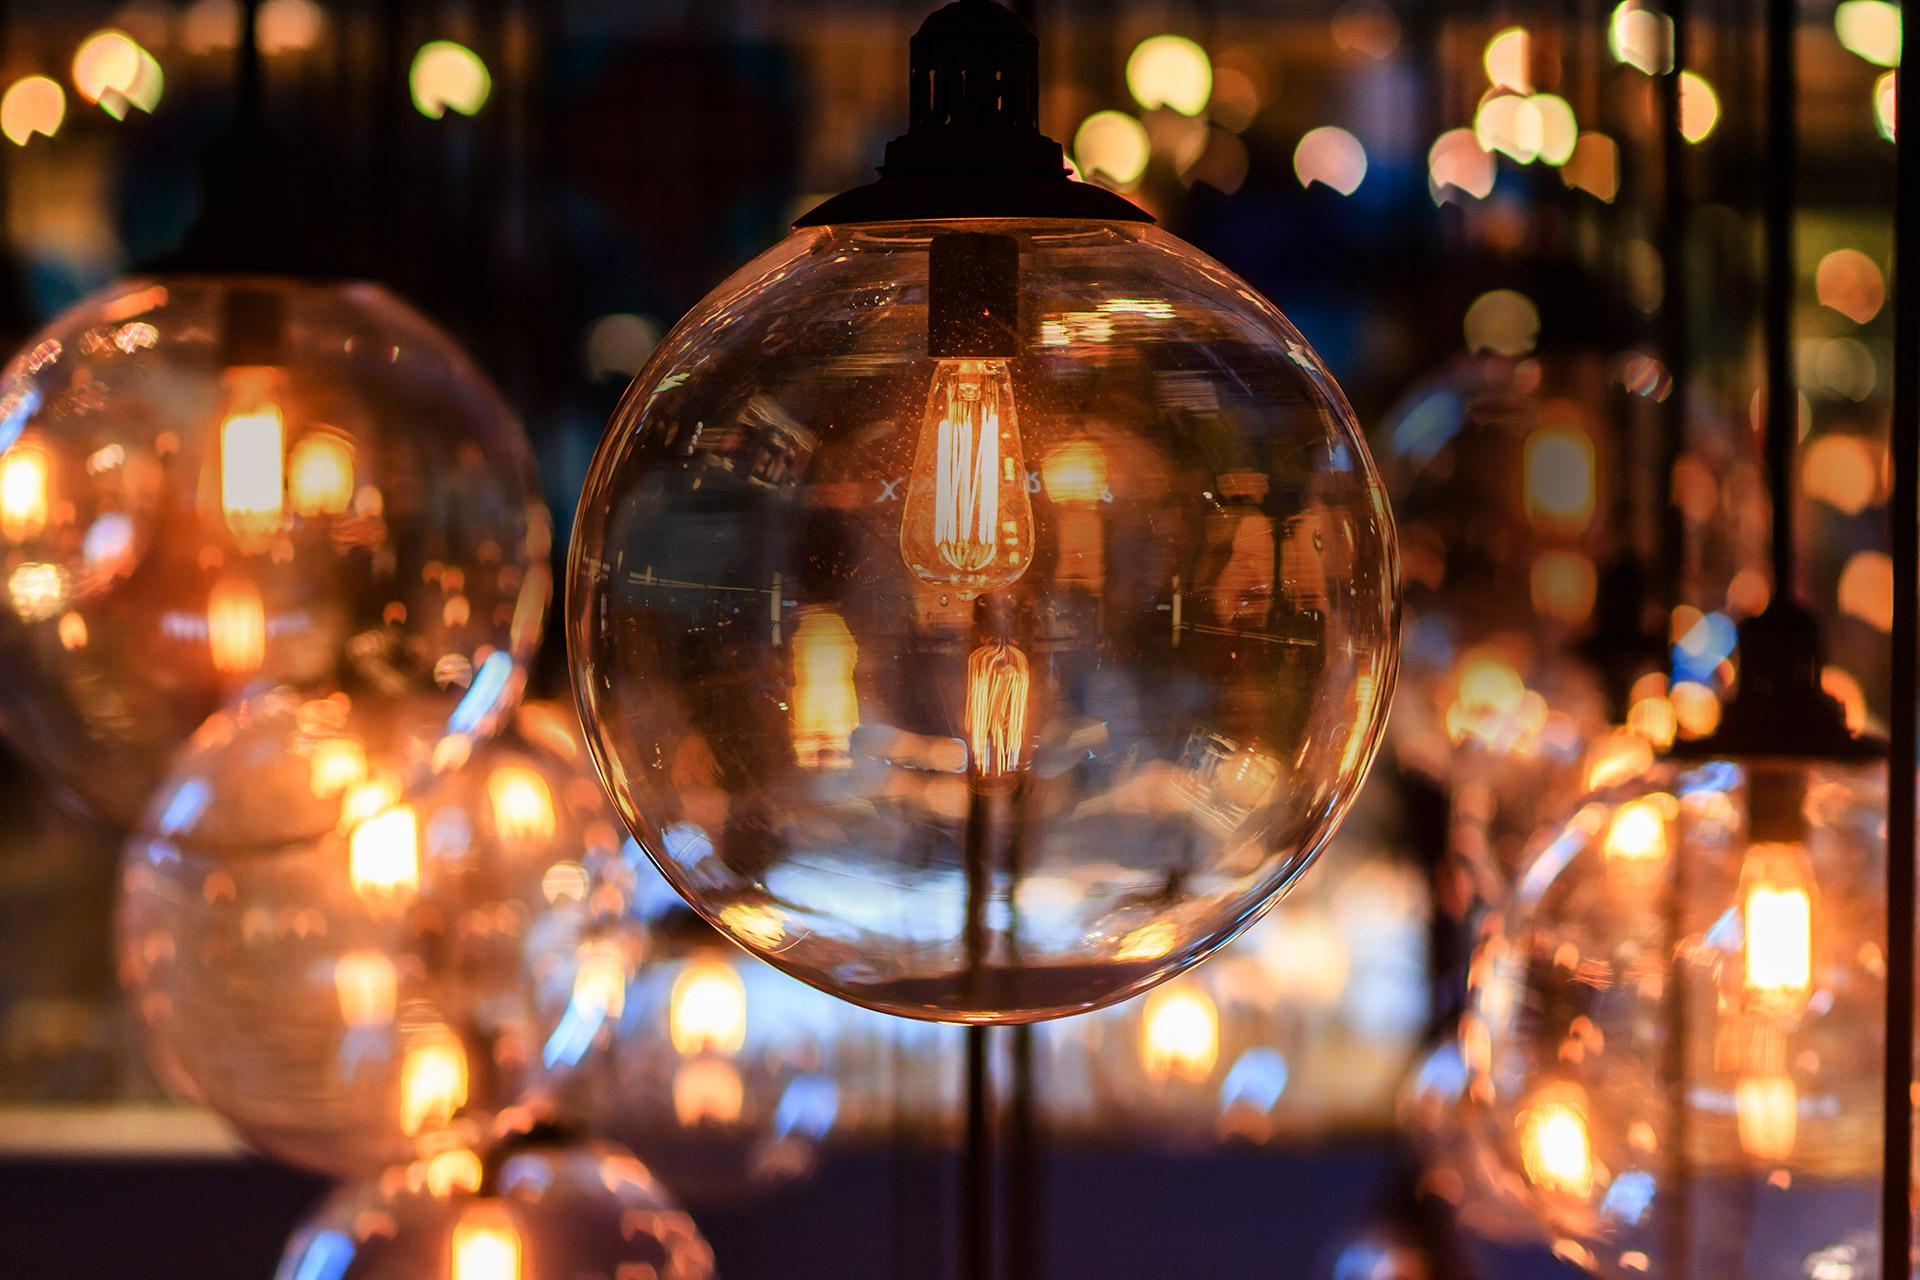 Vintage lightbulb glows orange